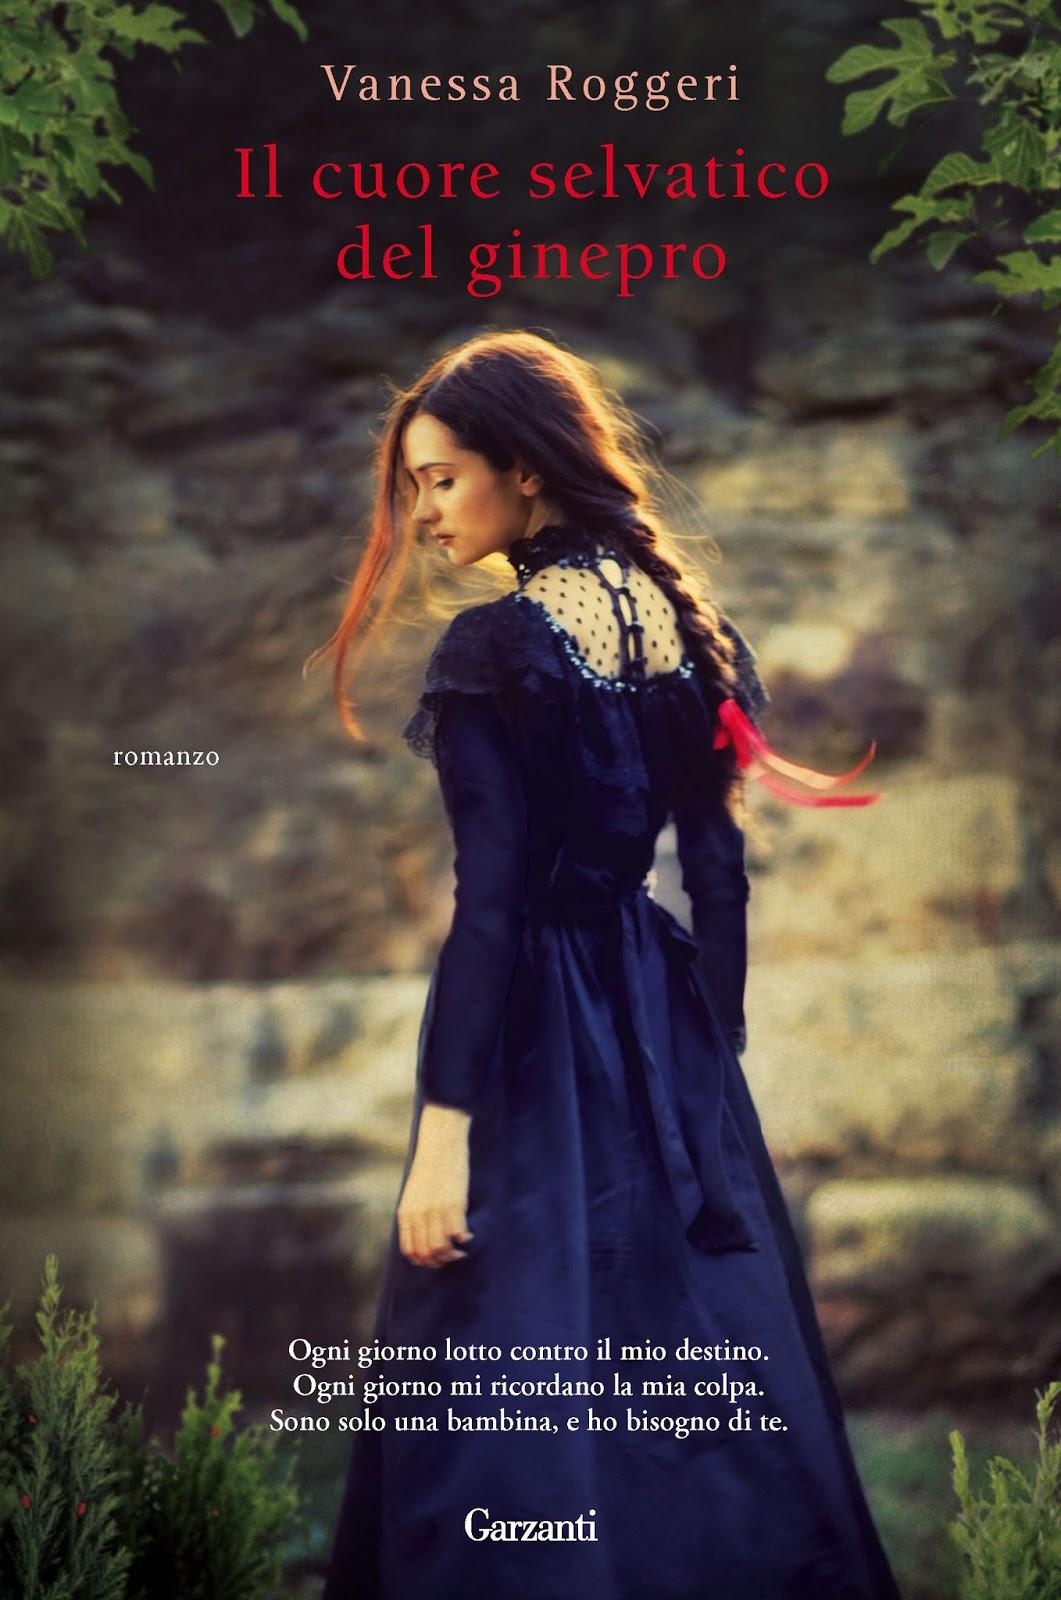 Il cuore selvatico del ginepro – Vanessa Roggeri